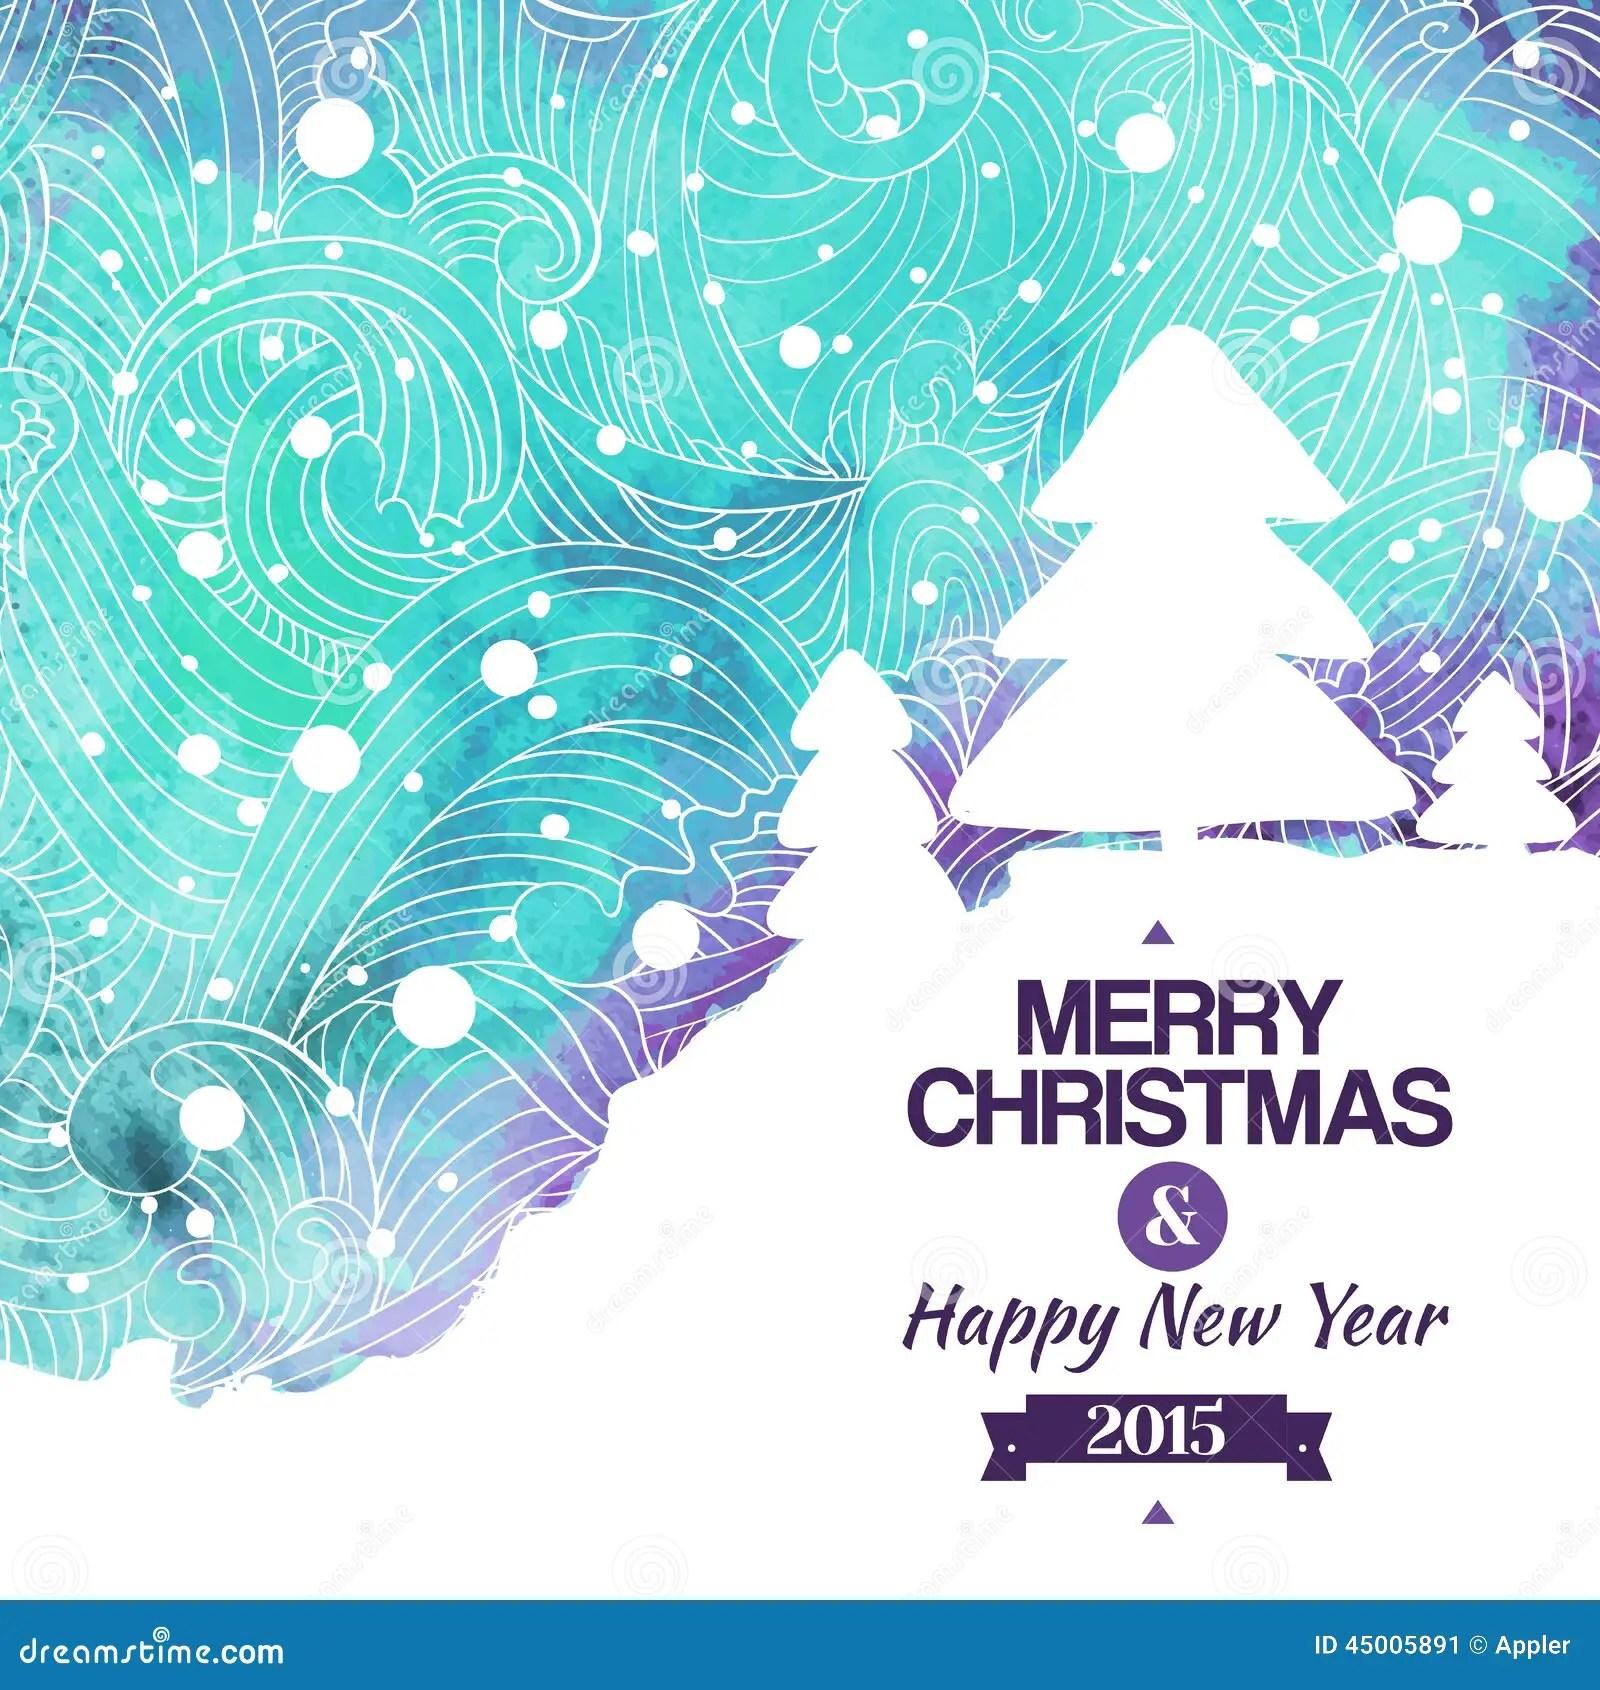 Fondo Del Dibujo De La Acuarela De La Feliz Navidad